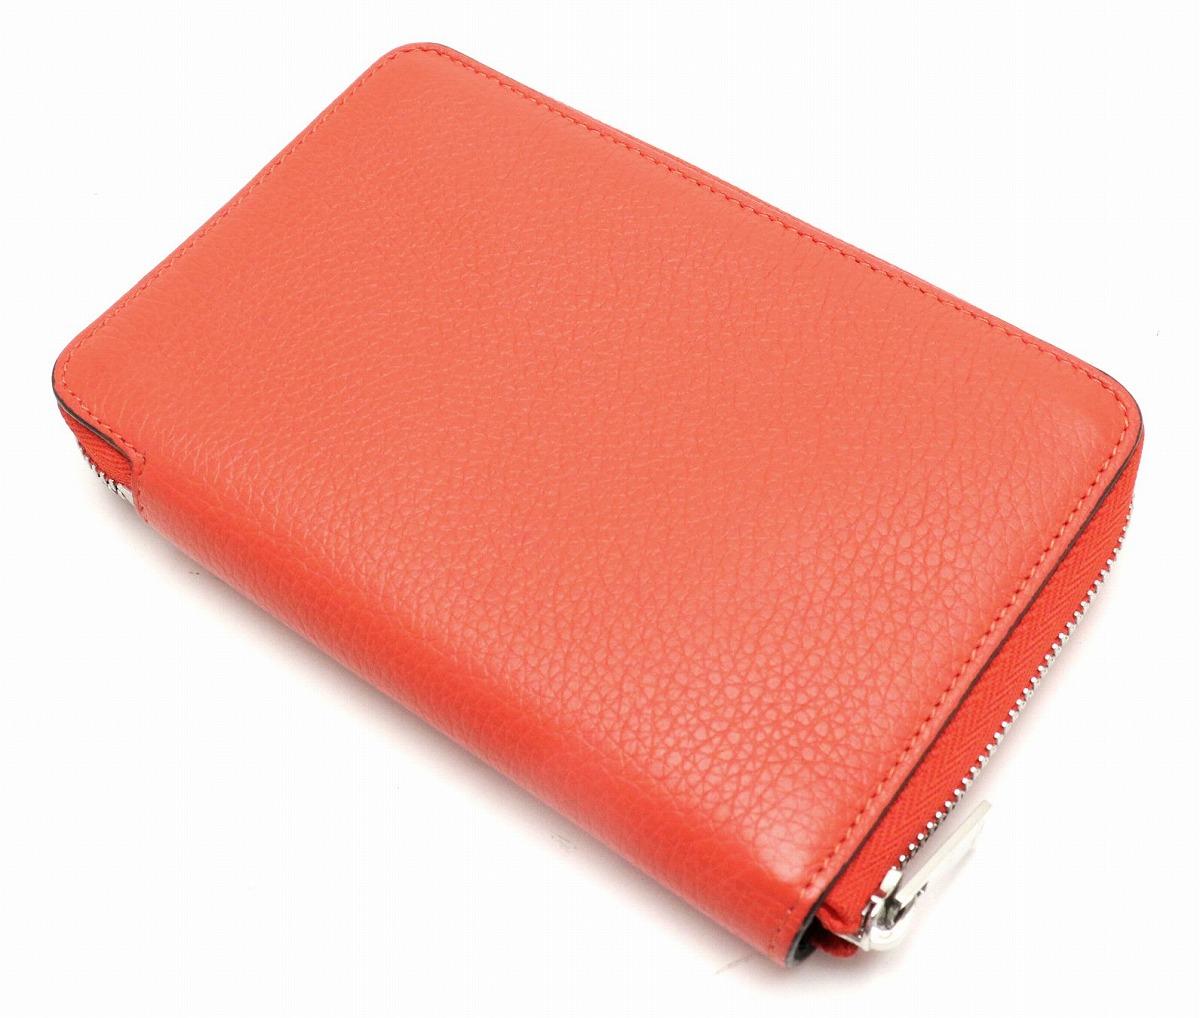 1266c0bc43b2 【財布】CELINEセリーヌミディアムウォレットラウンドファスナー財布レザーオレンジレッド【中古】